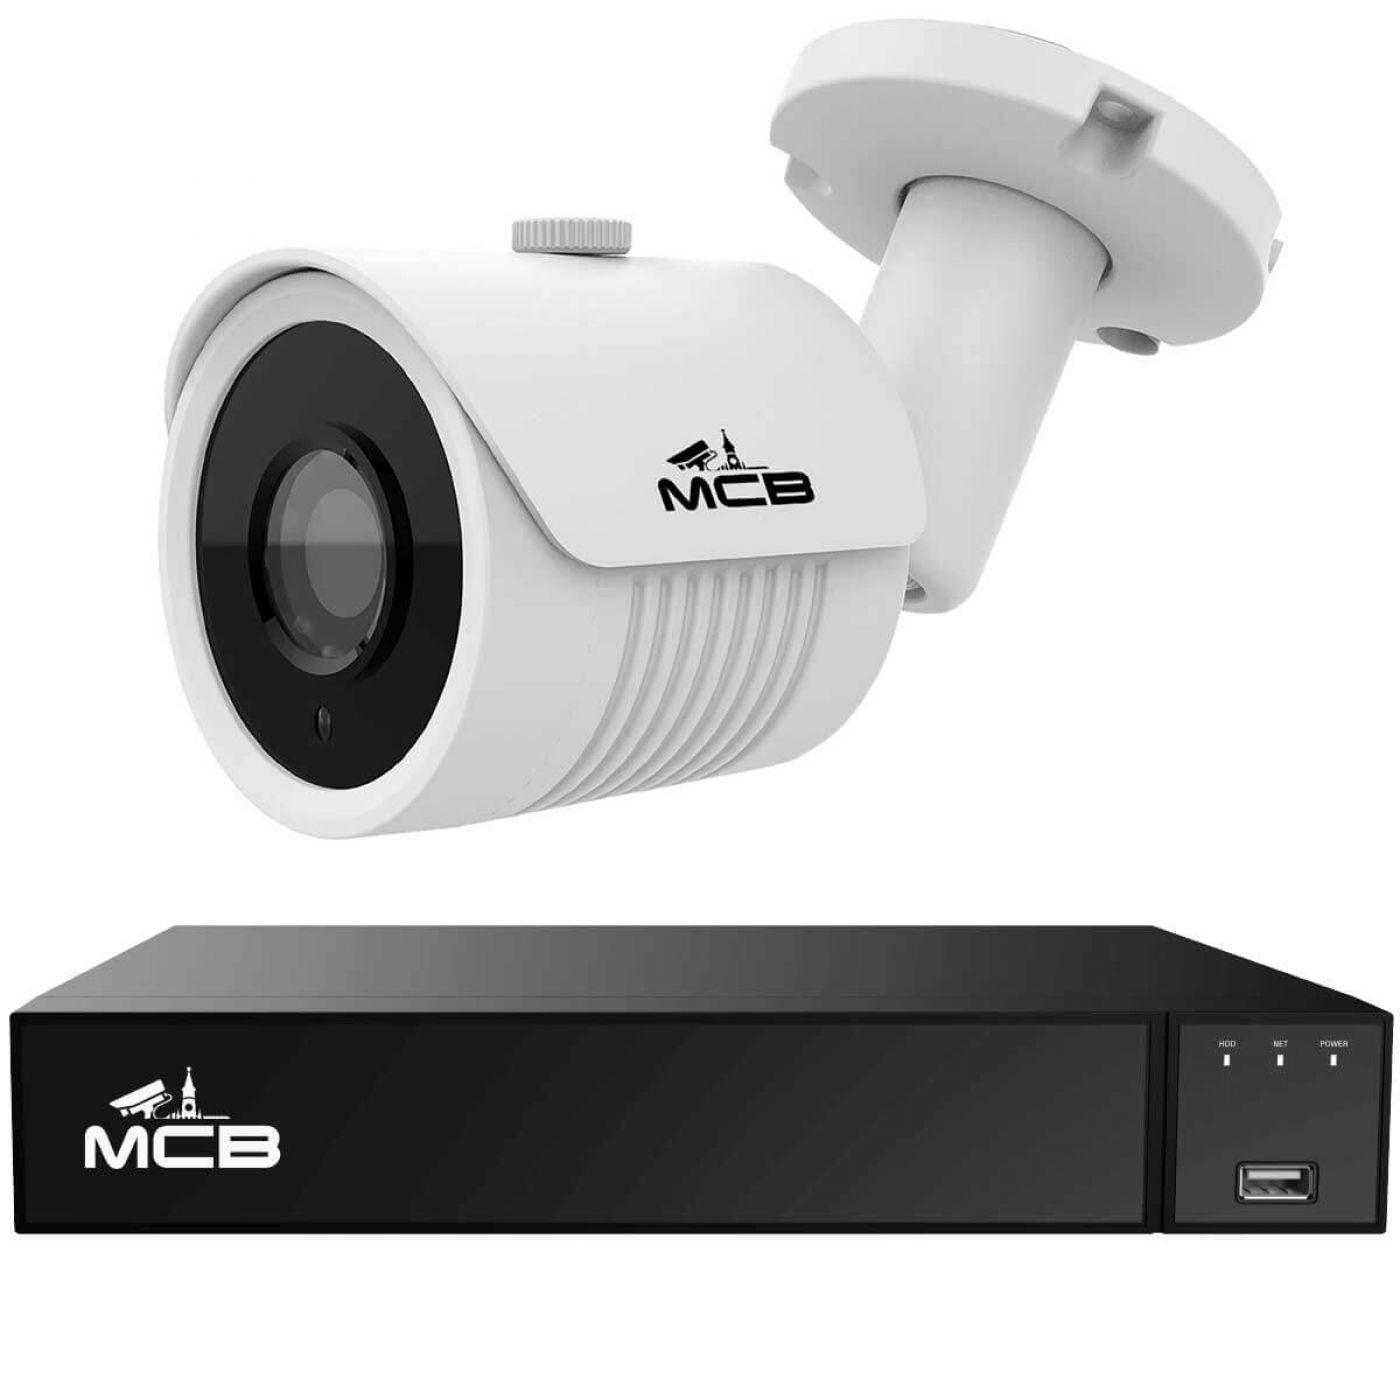 Готовый IP комплект видеонаблюдения на 1 камеру для улицы Full HD 1080P